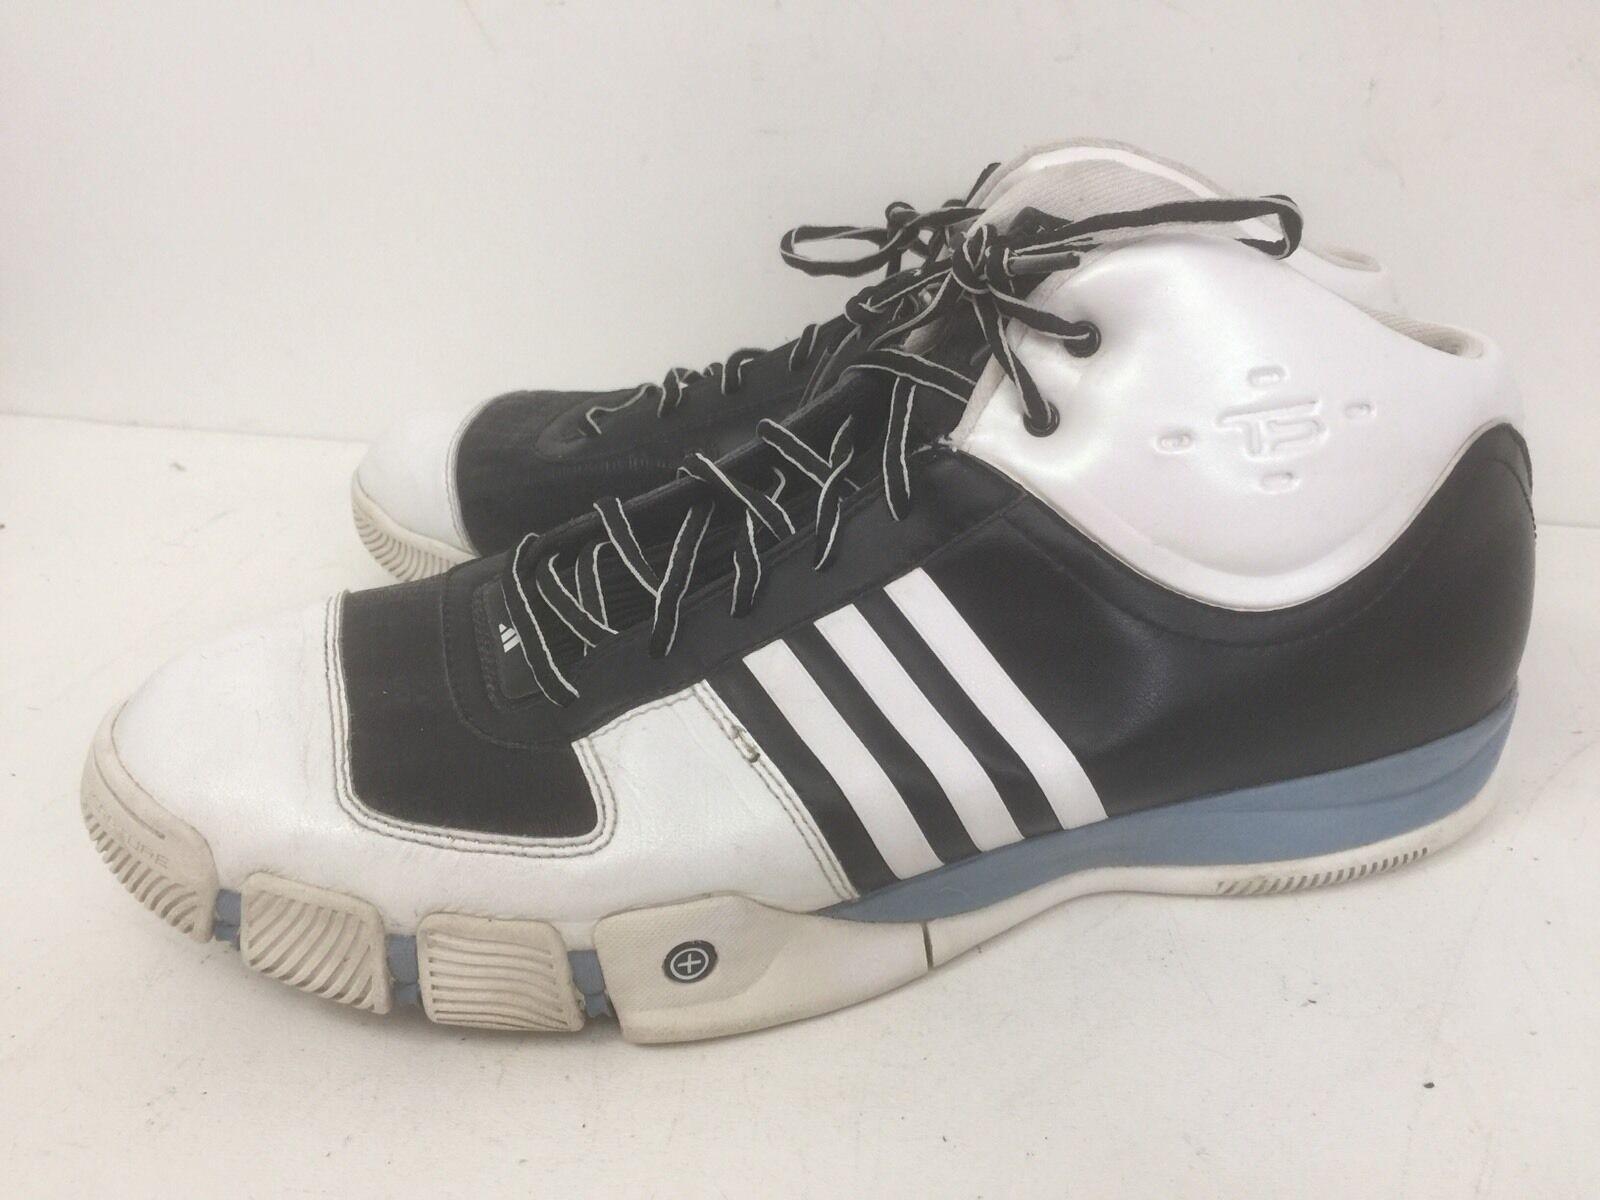 Adidas squadra firma scarpe bianco nero   blu, numero 16 in euc   Moda Attraente    Uomini/Donna Scarpa